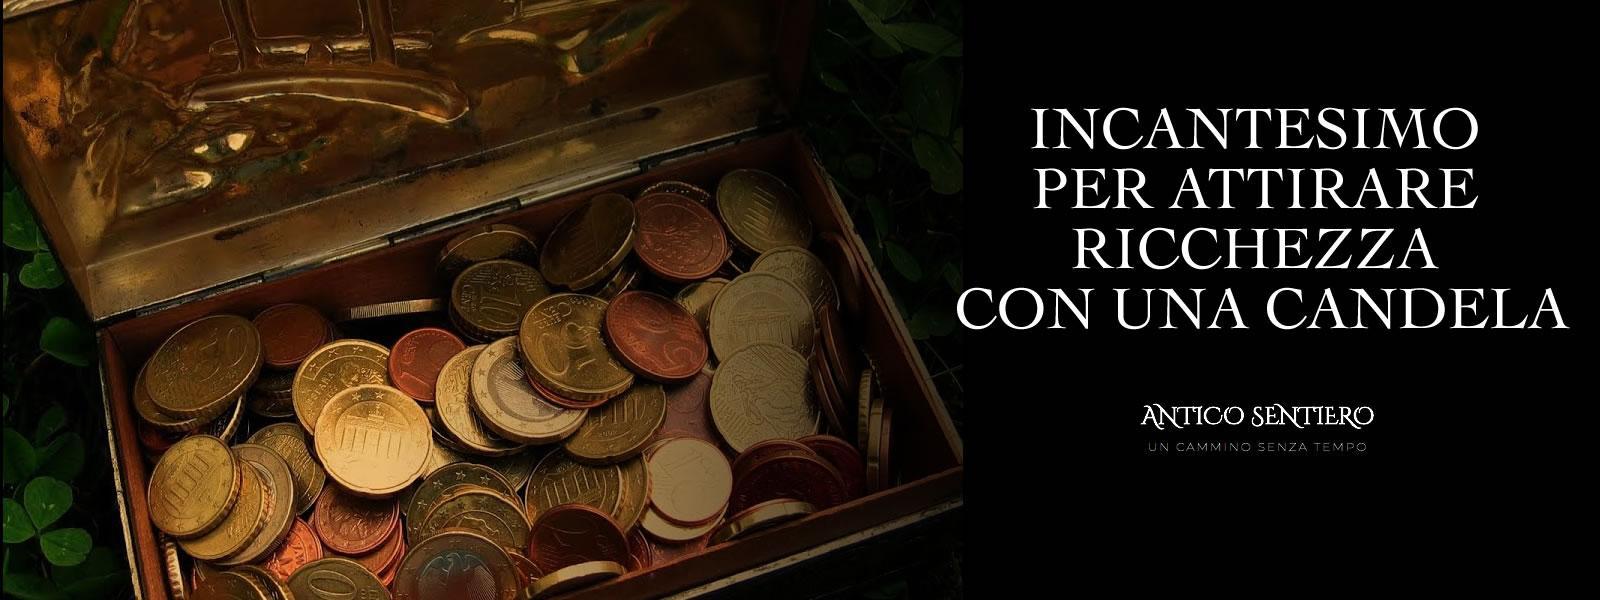 Incantesimo per attirare ricchezza con le candele